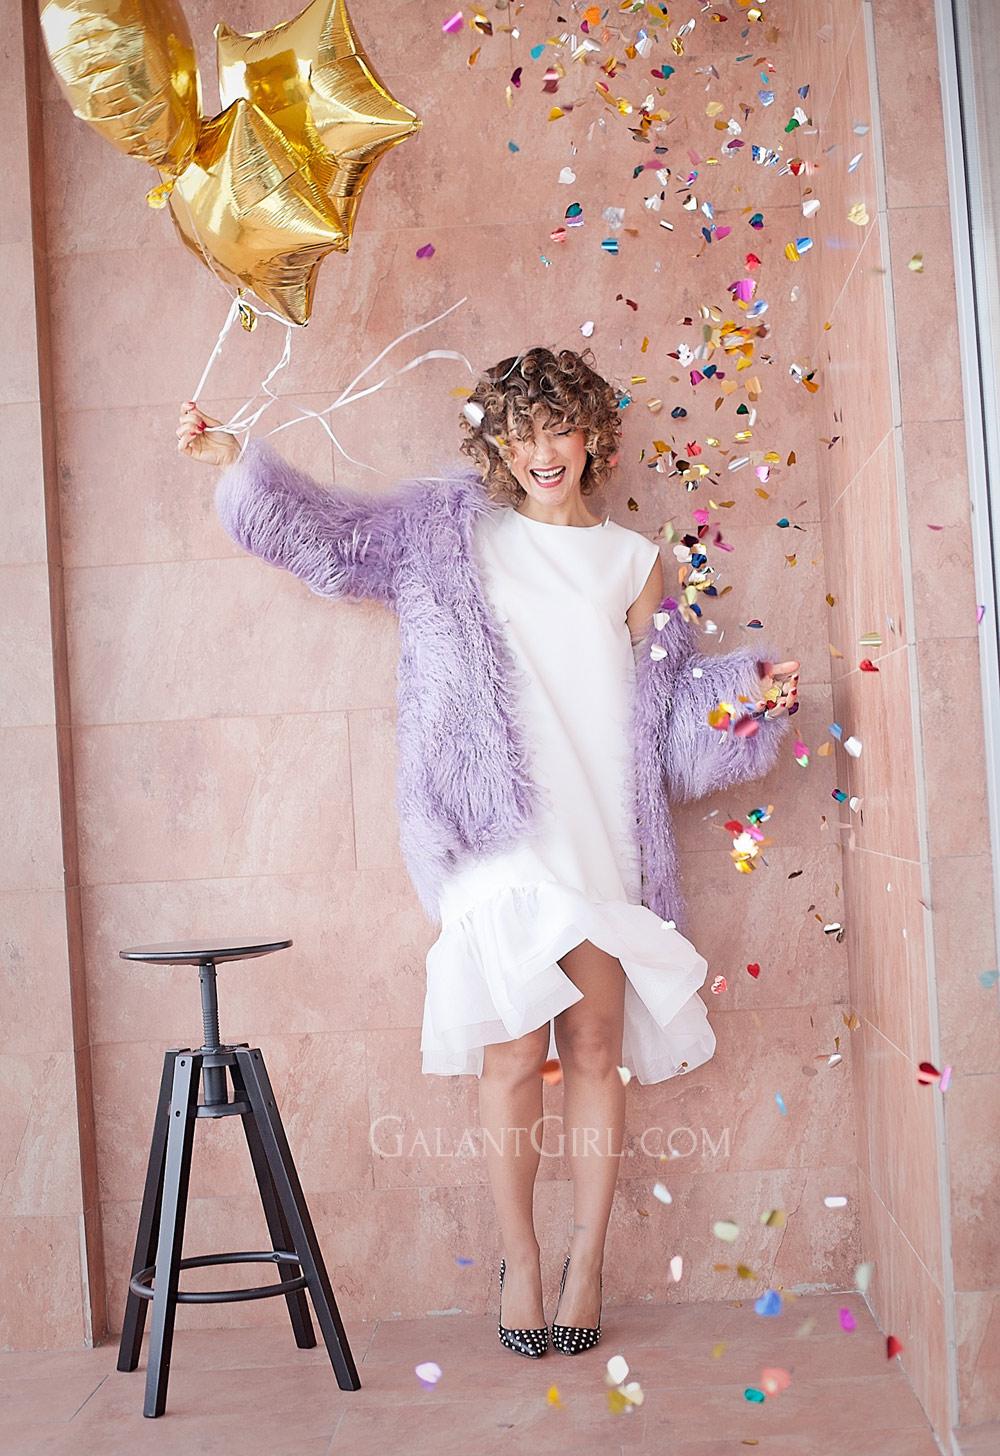 happy-new-year-eve-celebration1